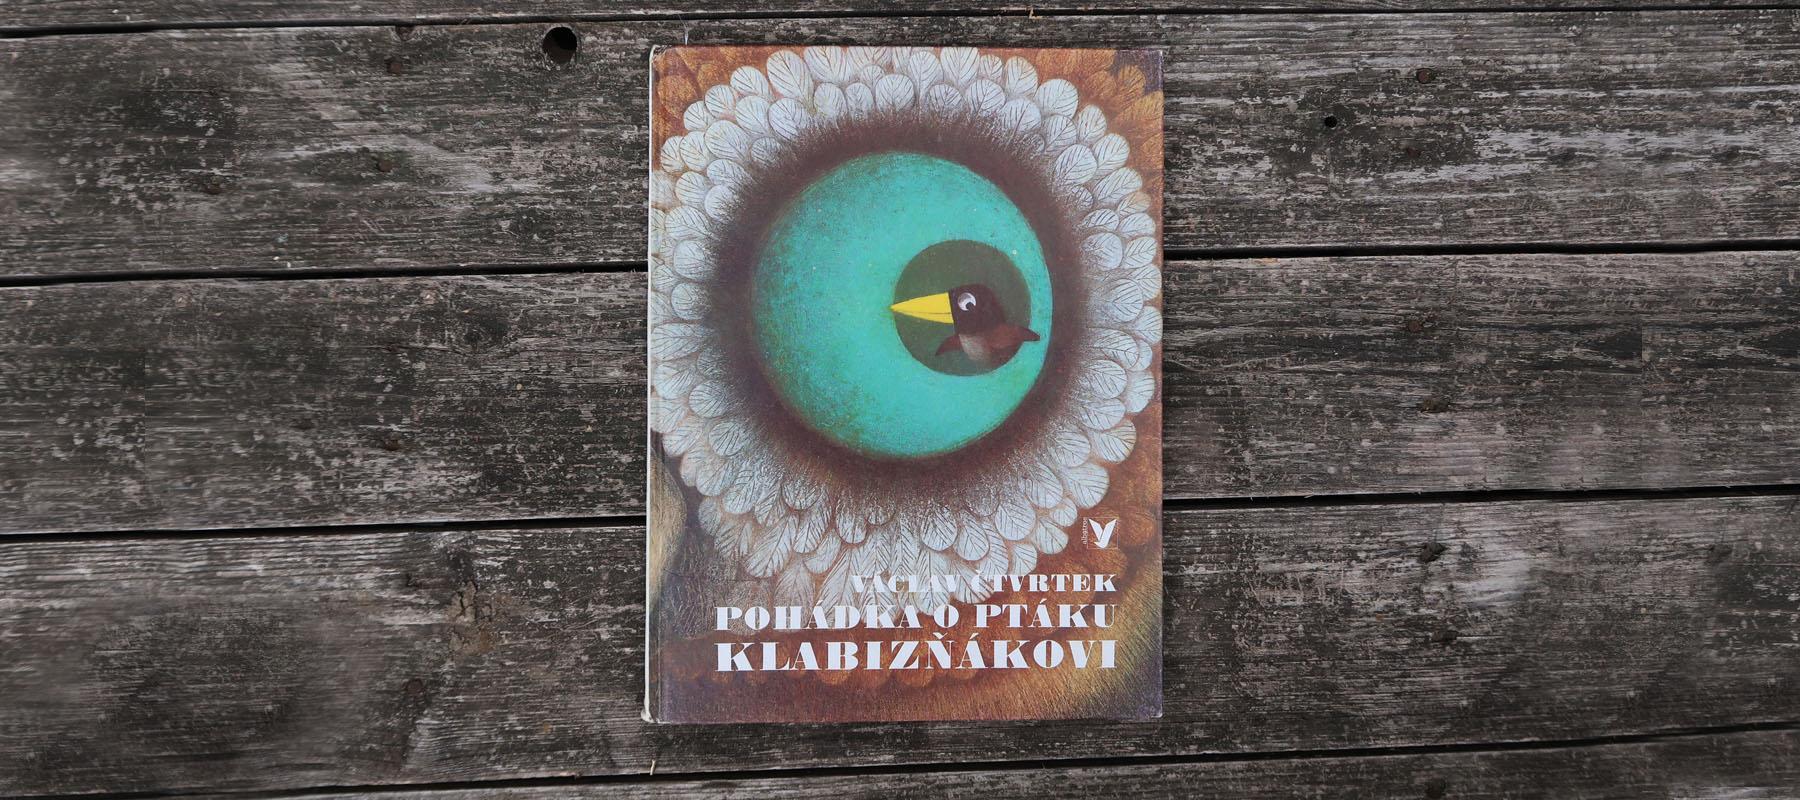 Pohádka o ptáku Klabizňákovi (článok o tom, ako sa doba mení)